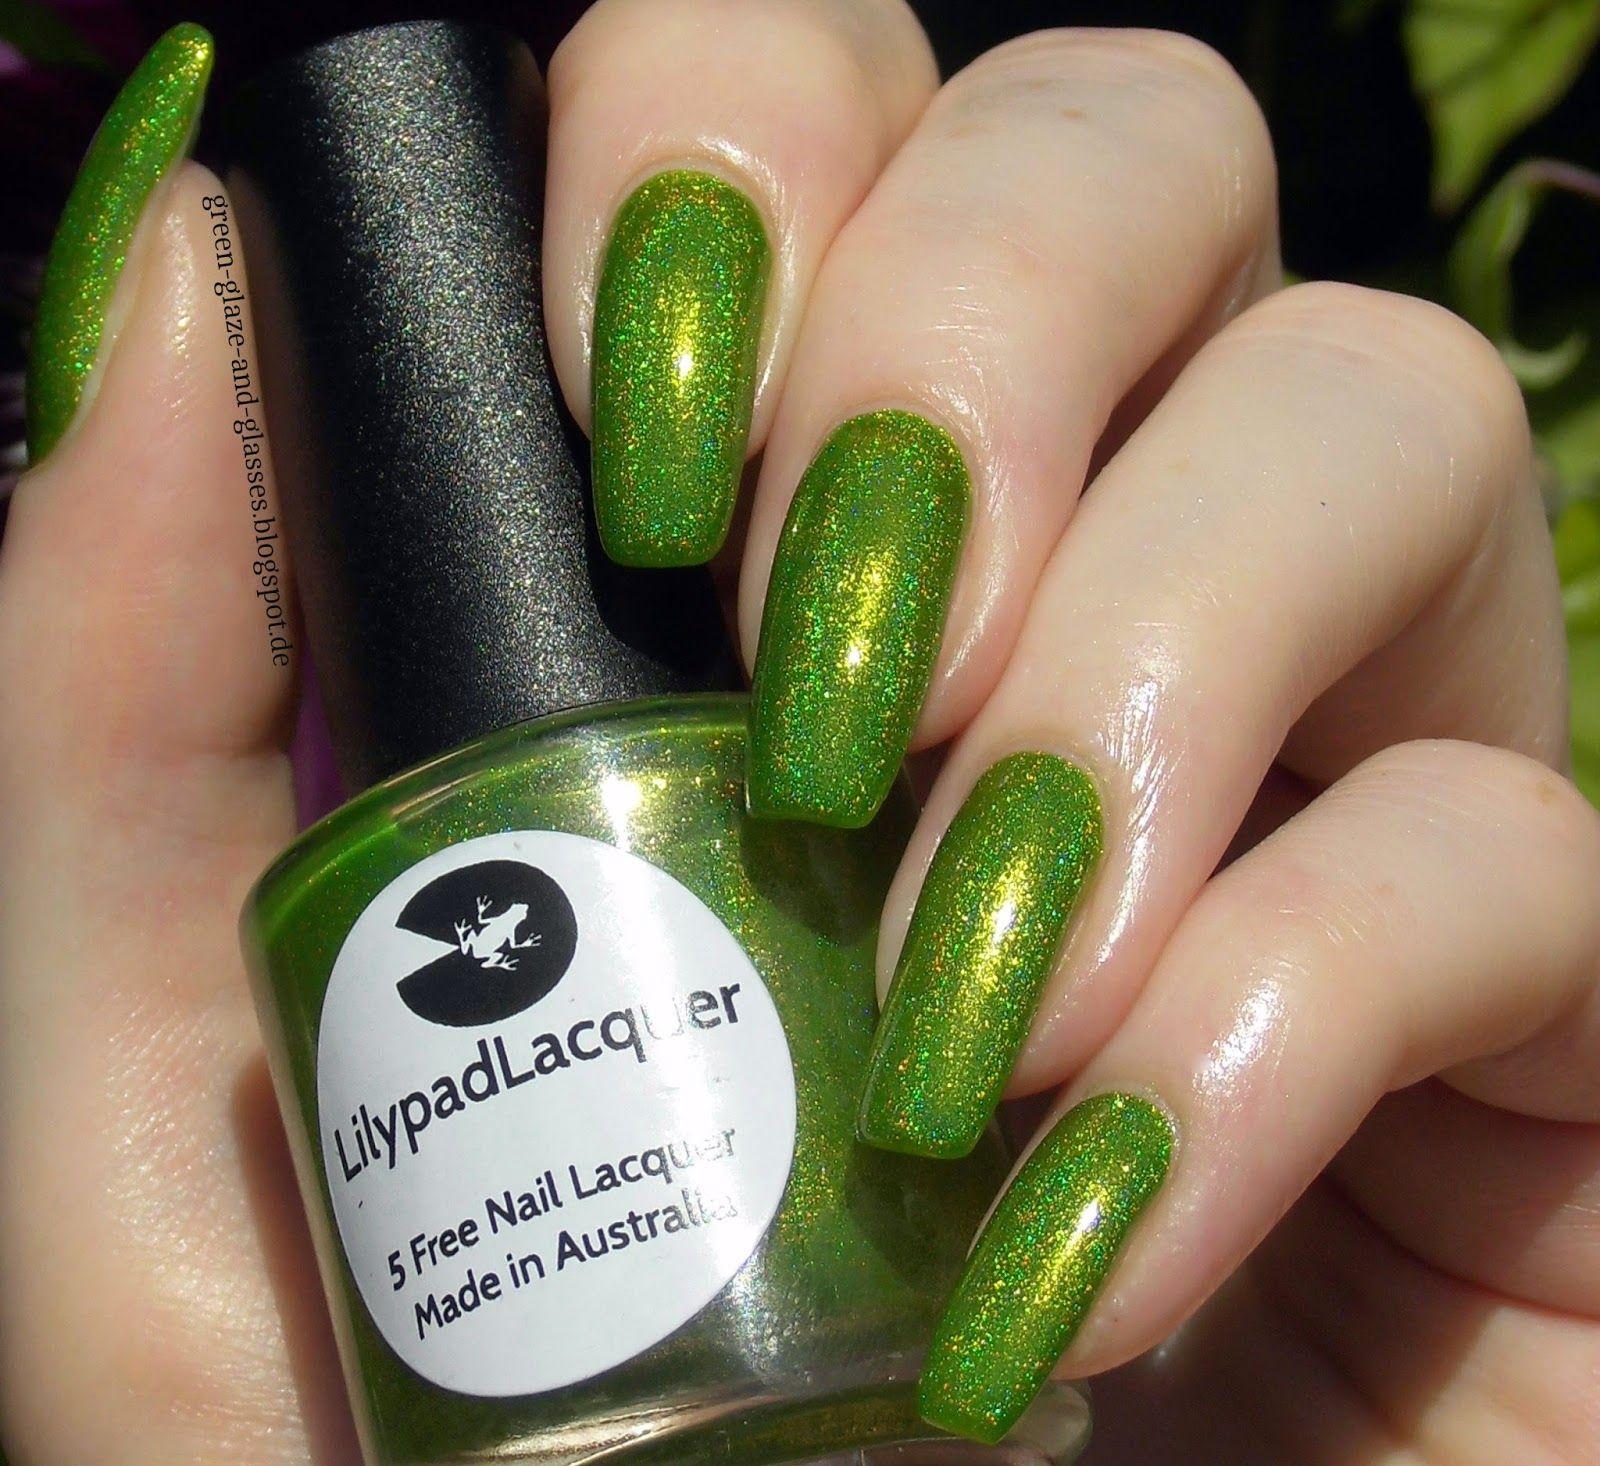 Green, Glaze & Glasses: Lacke in Farbe... und bunt! - Grün (Lilypad Lacquer - Frogs Alive)